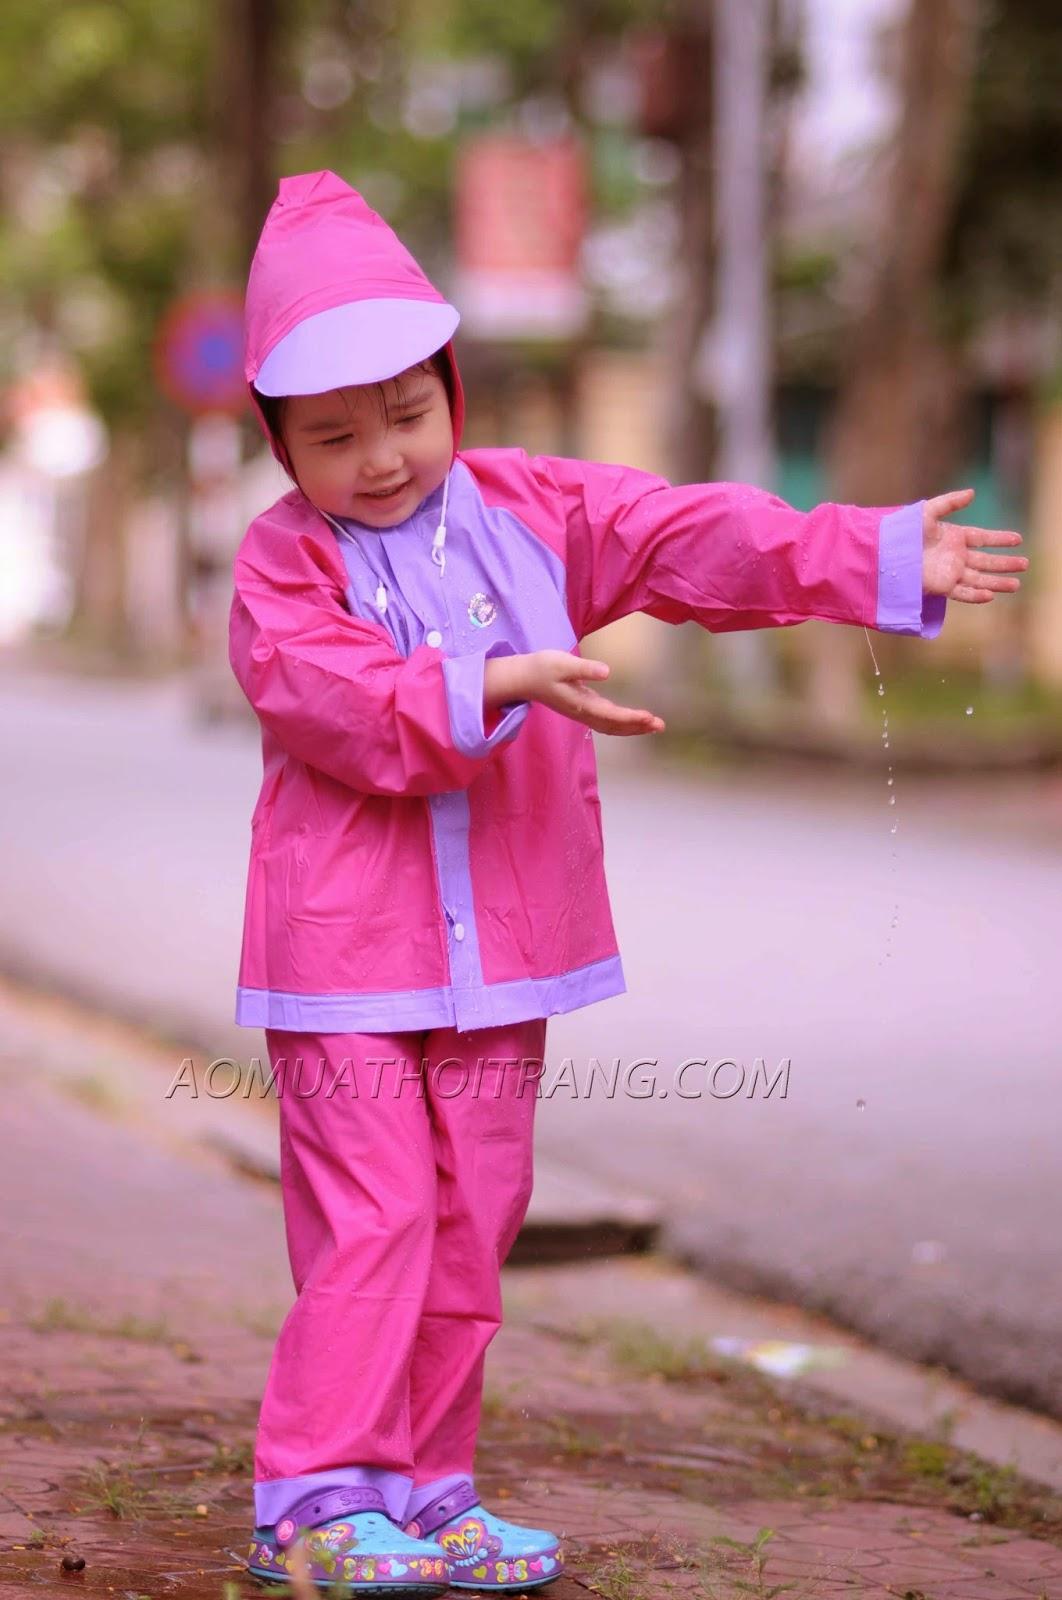 Áo mựa bộ Trẻ em Sơn Thủy vải nhựa màu hồng/Tím